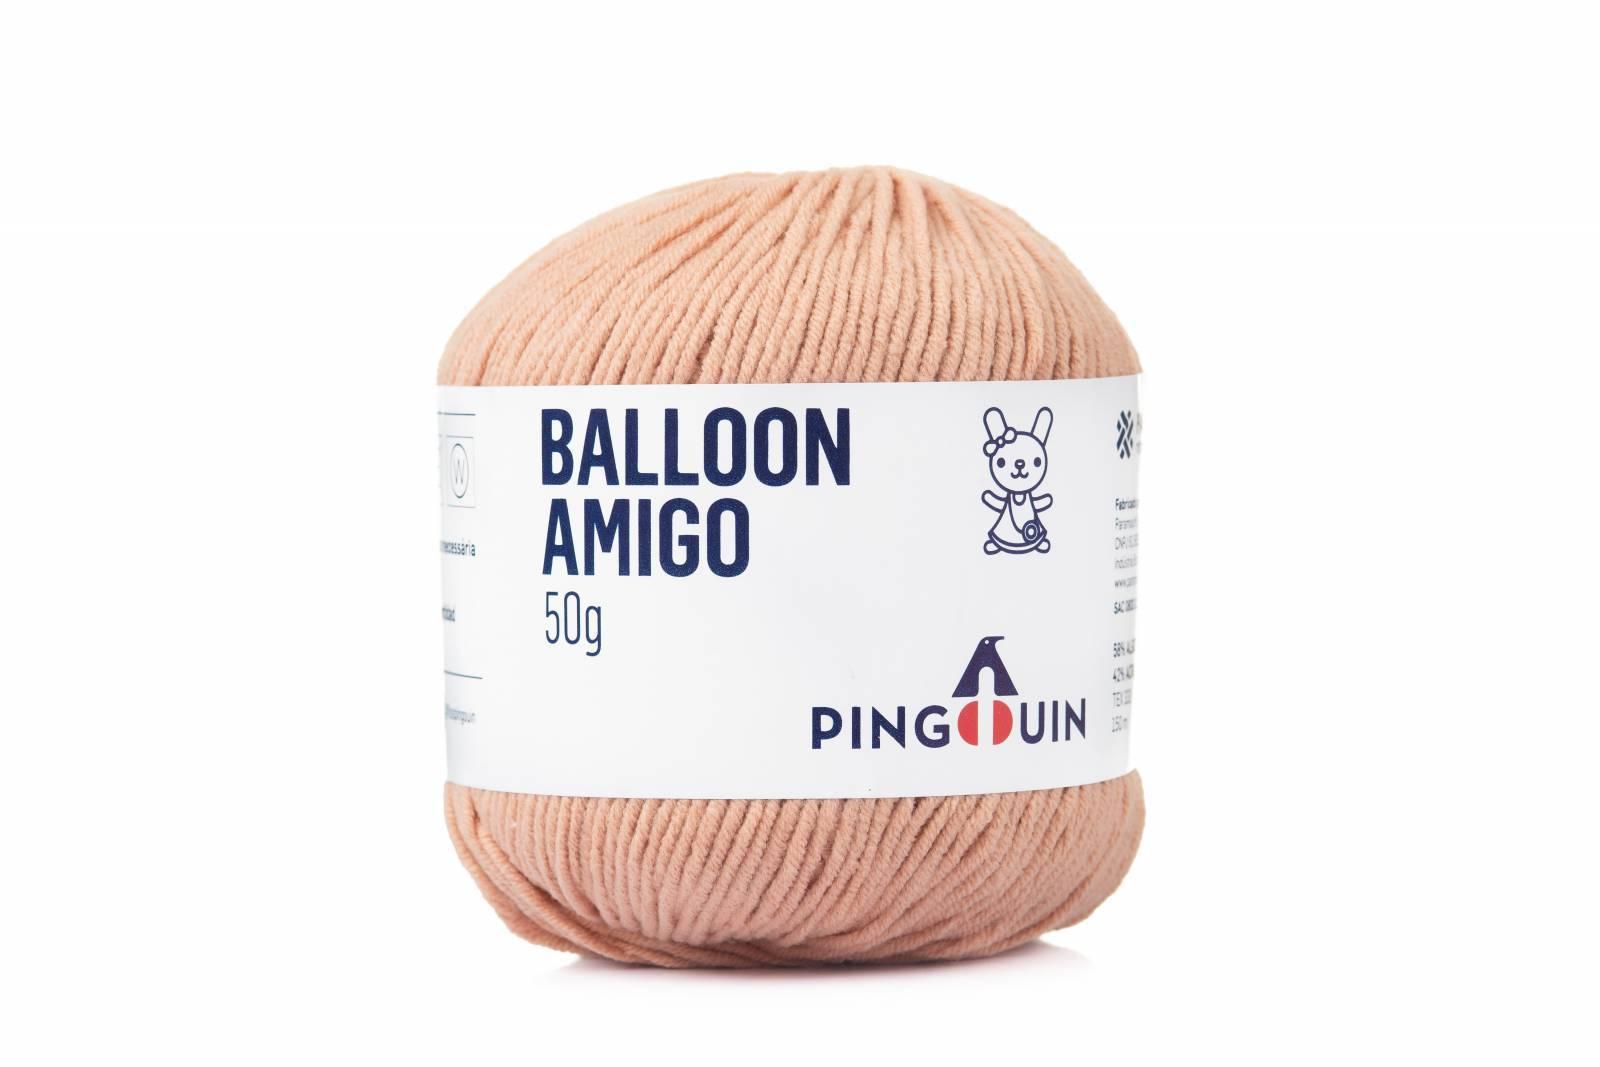 Balloon amigo 5795 Macaroon - BAÚ DA VOVÓ